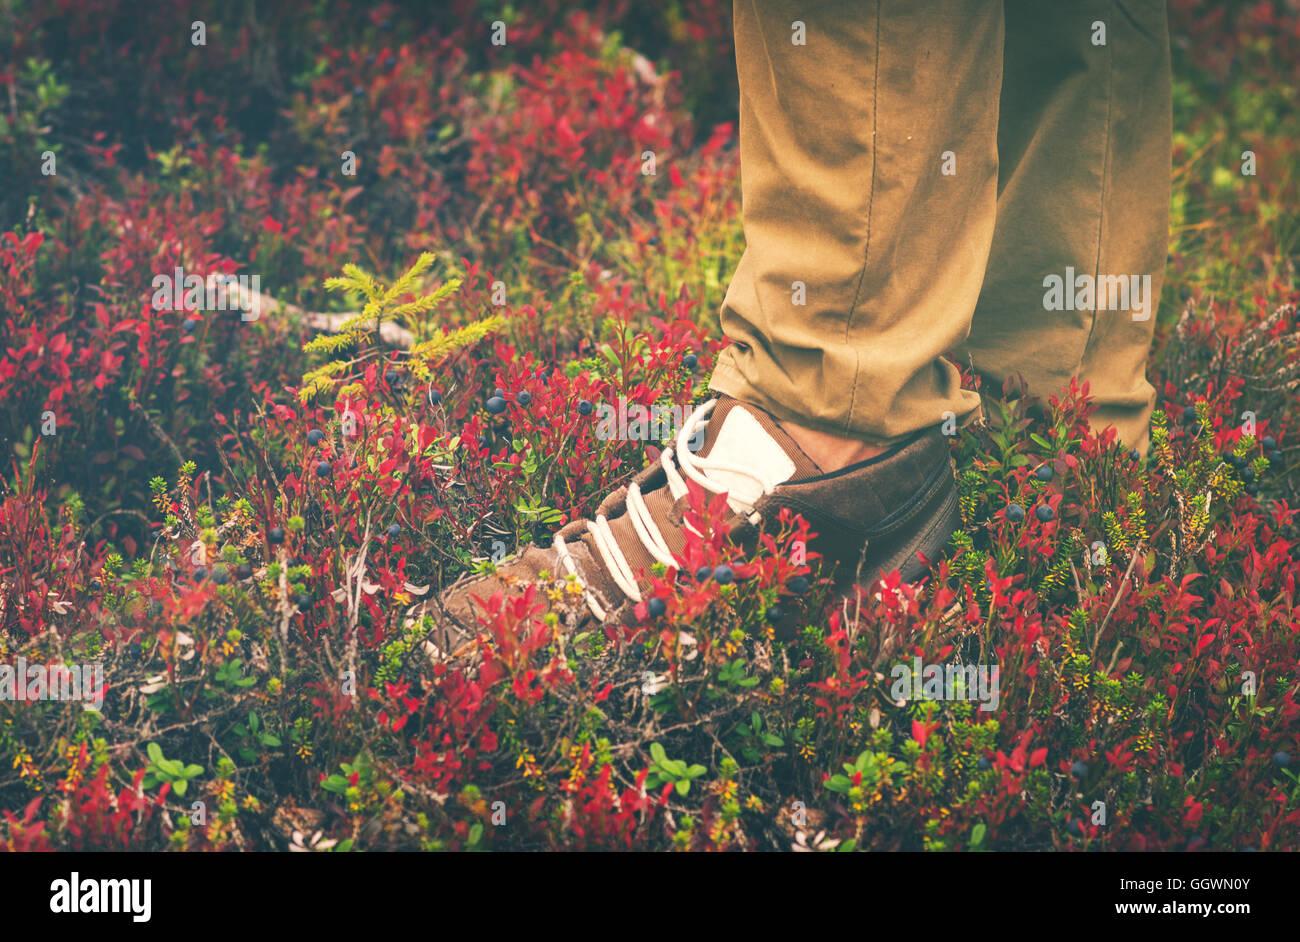 Pies Hombre Sneakers zapatos caminando Outdoor Lifestyle Viajes moda moda naturaleza forestal en fondo Imagen De Stock